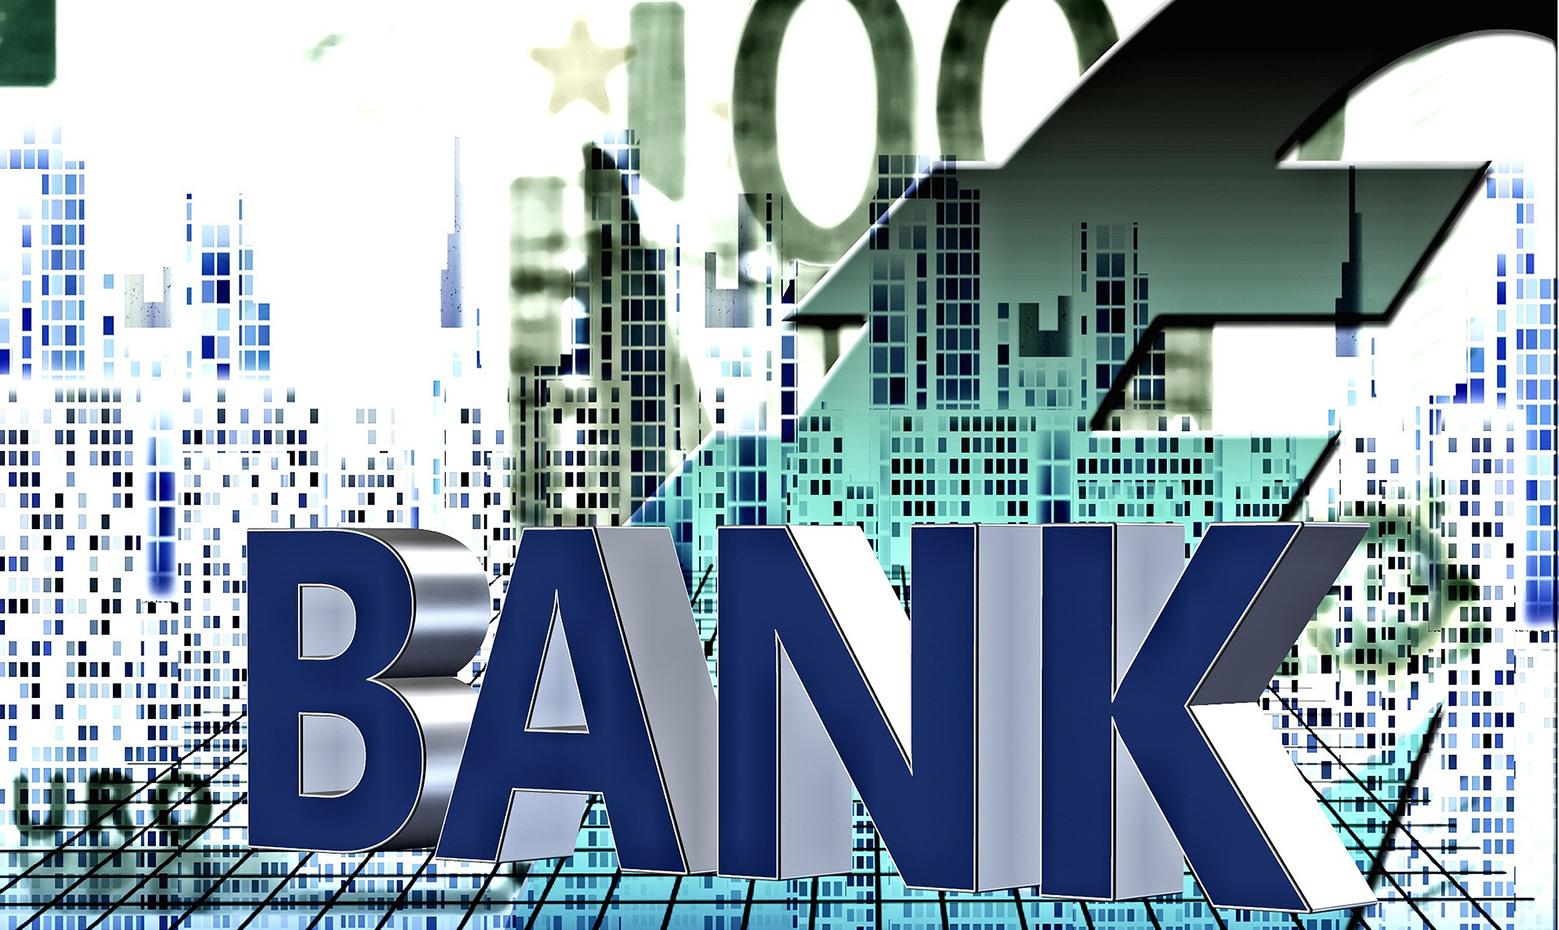 Tín dụng ngân hàng là gì? Các đặc điểm của tín dụng ngân hàng?